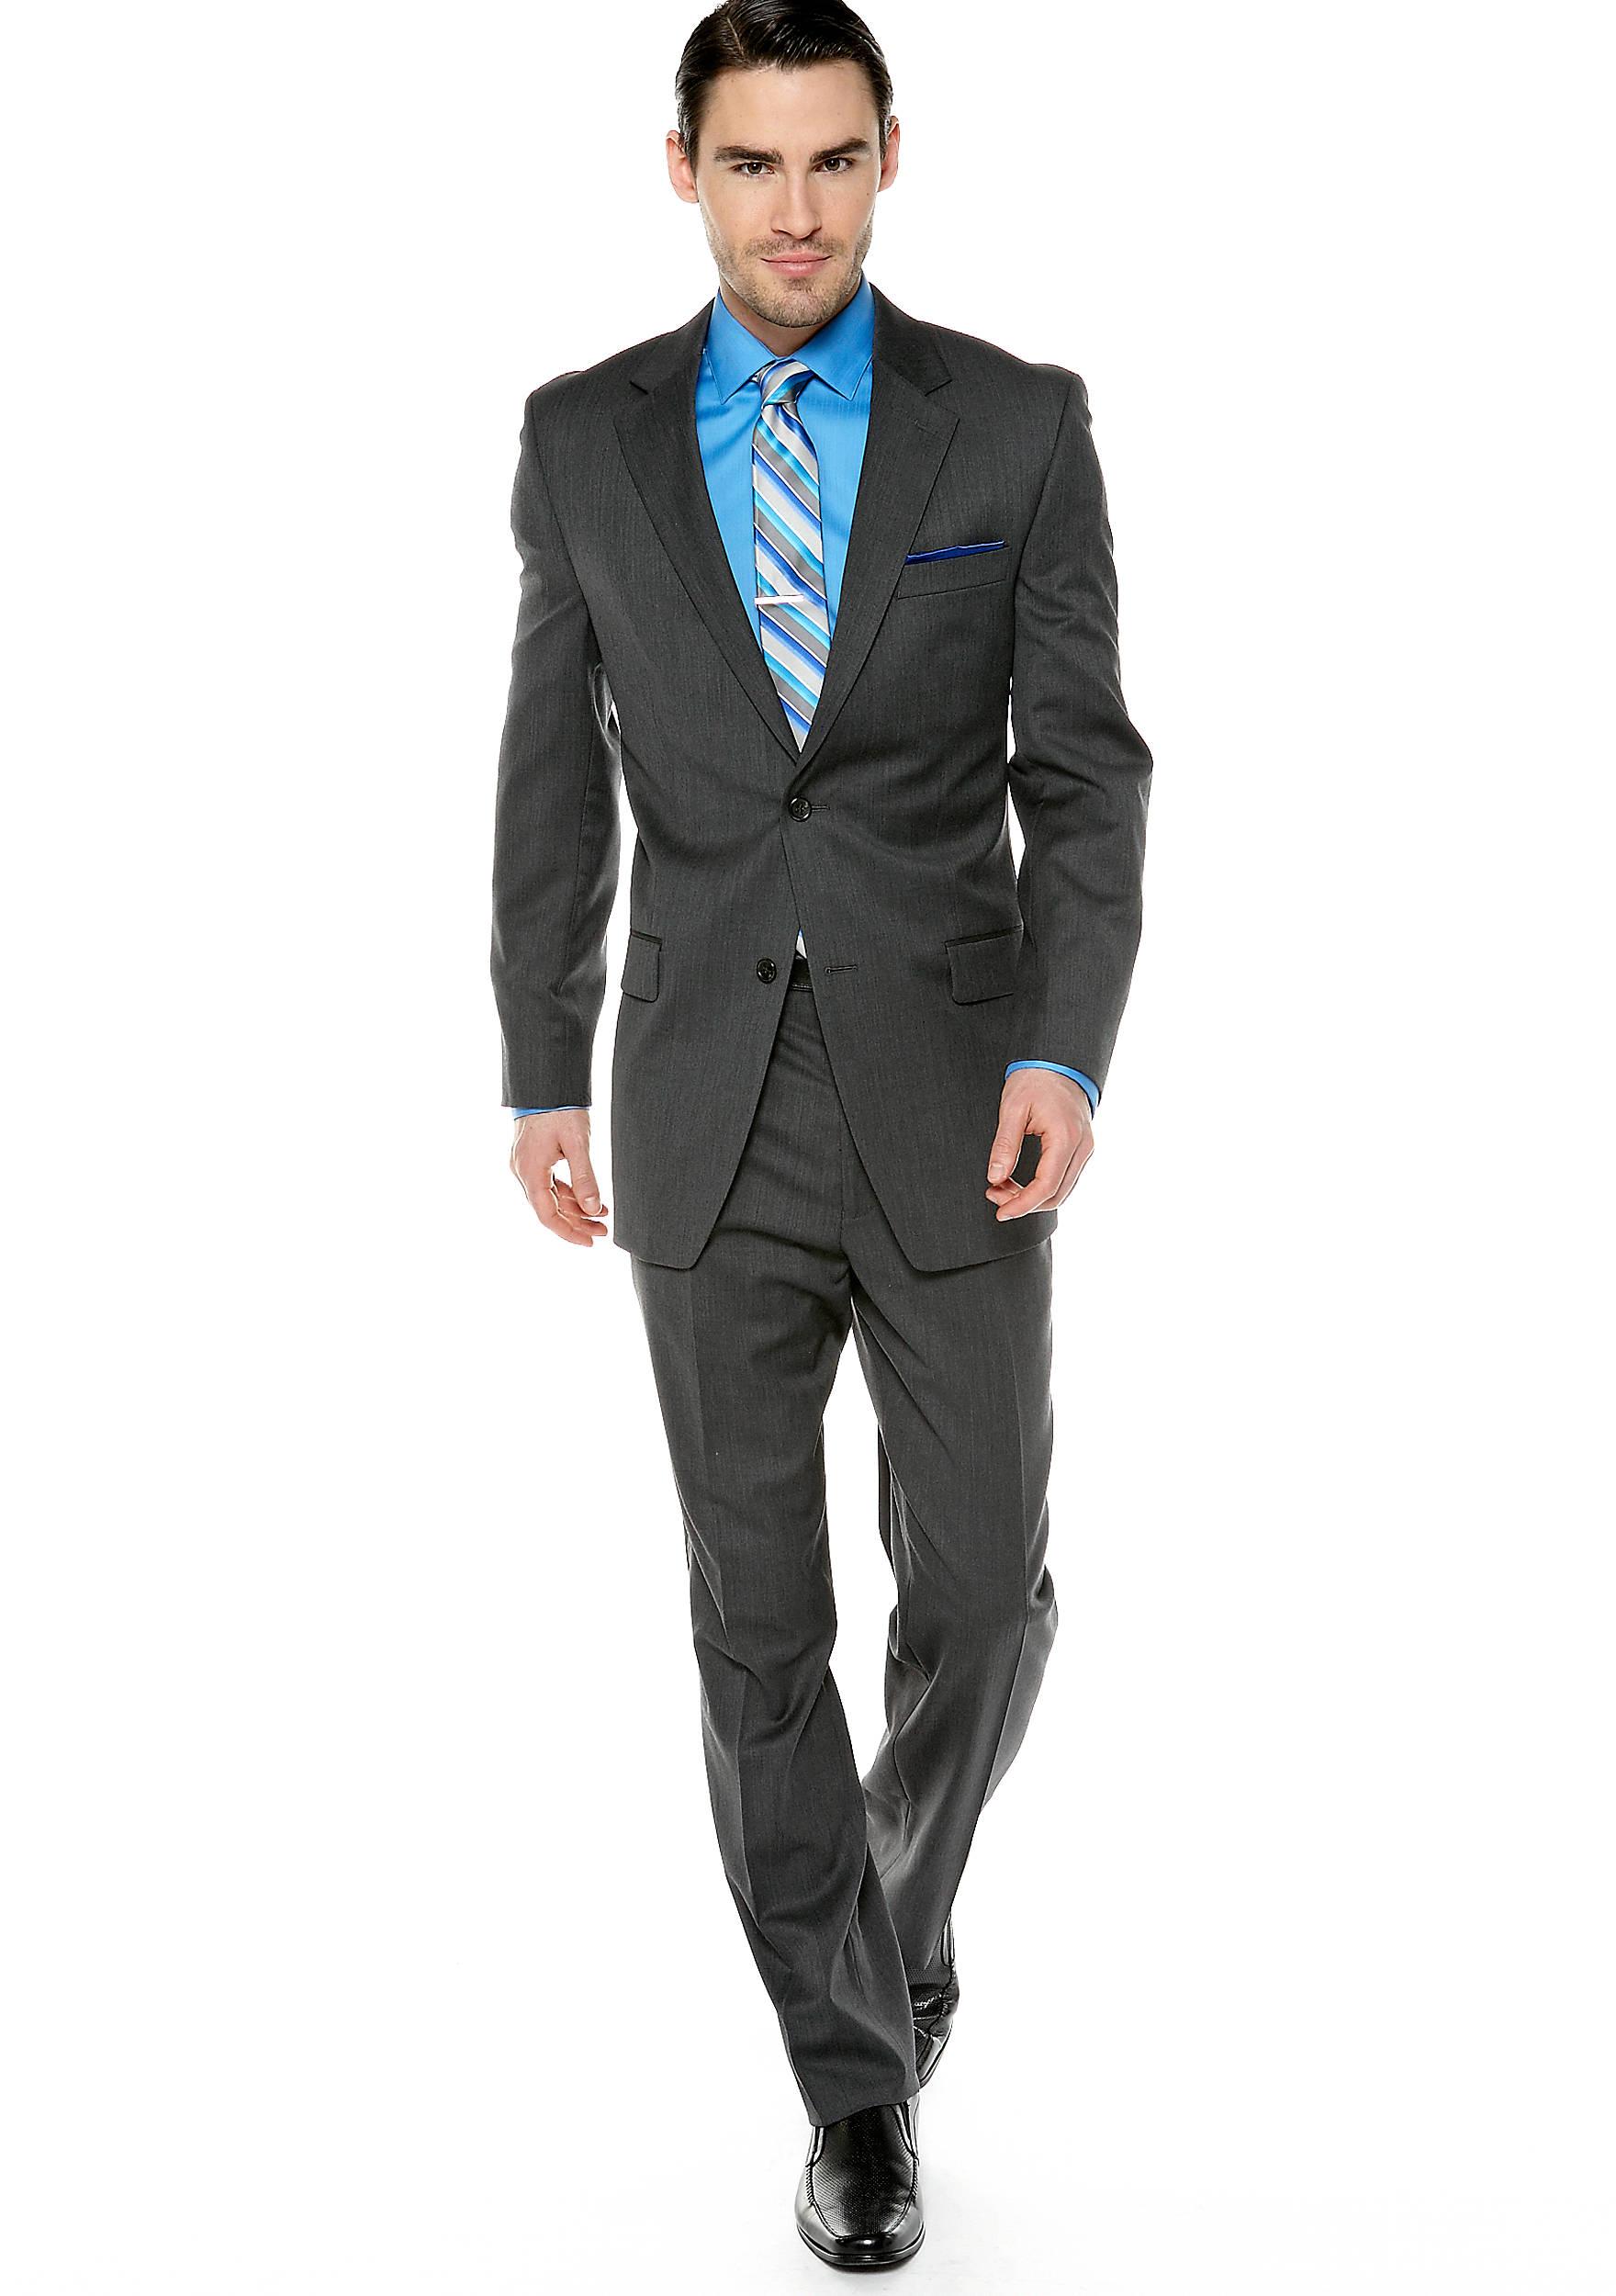 Suits & Sport Coats for Guys   belk